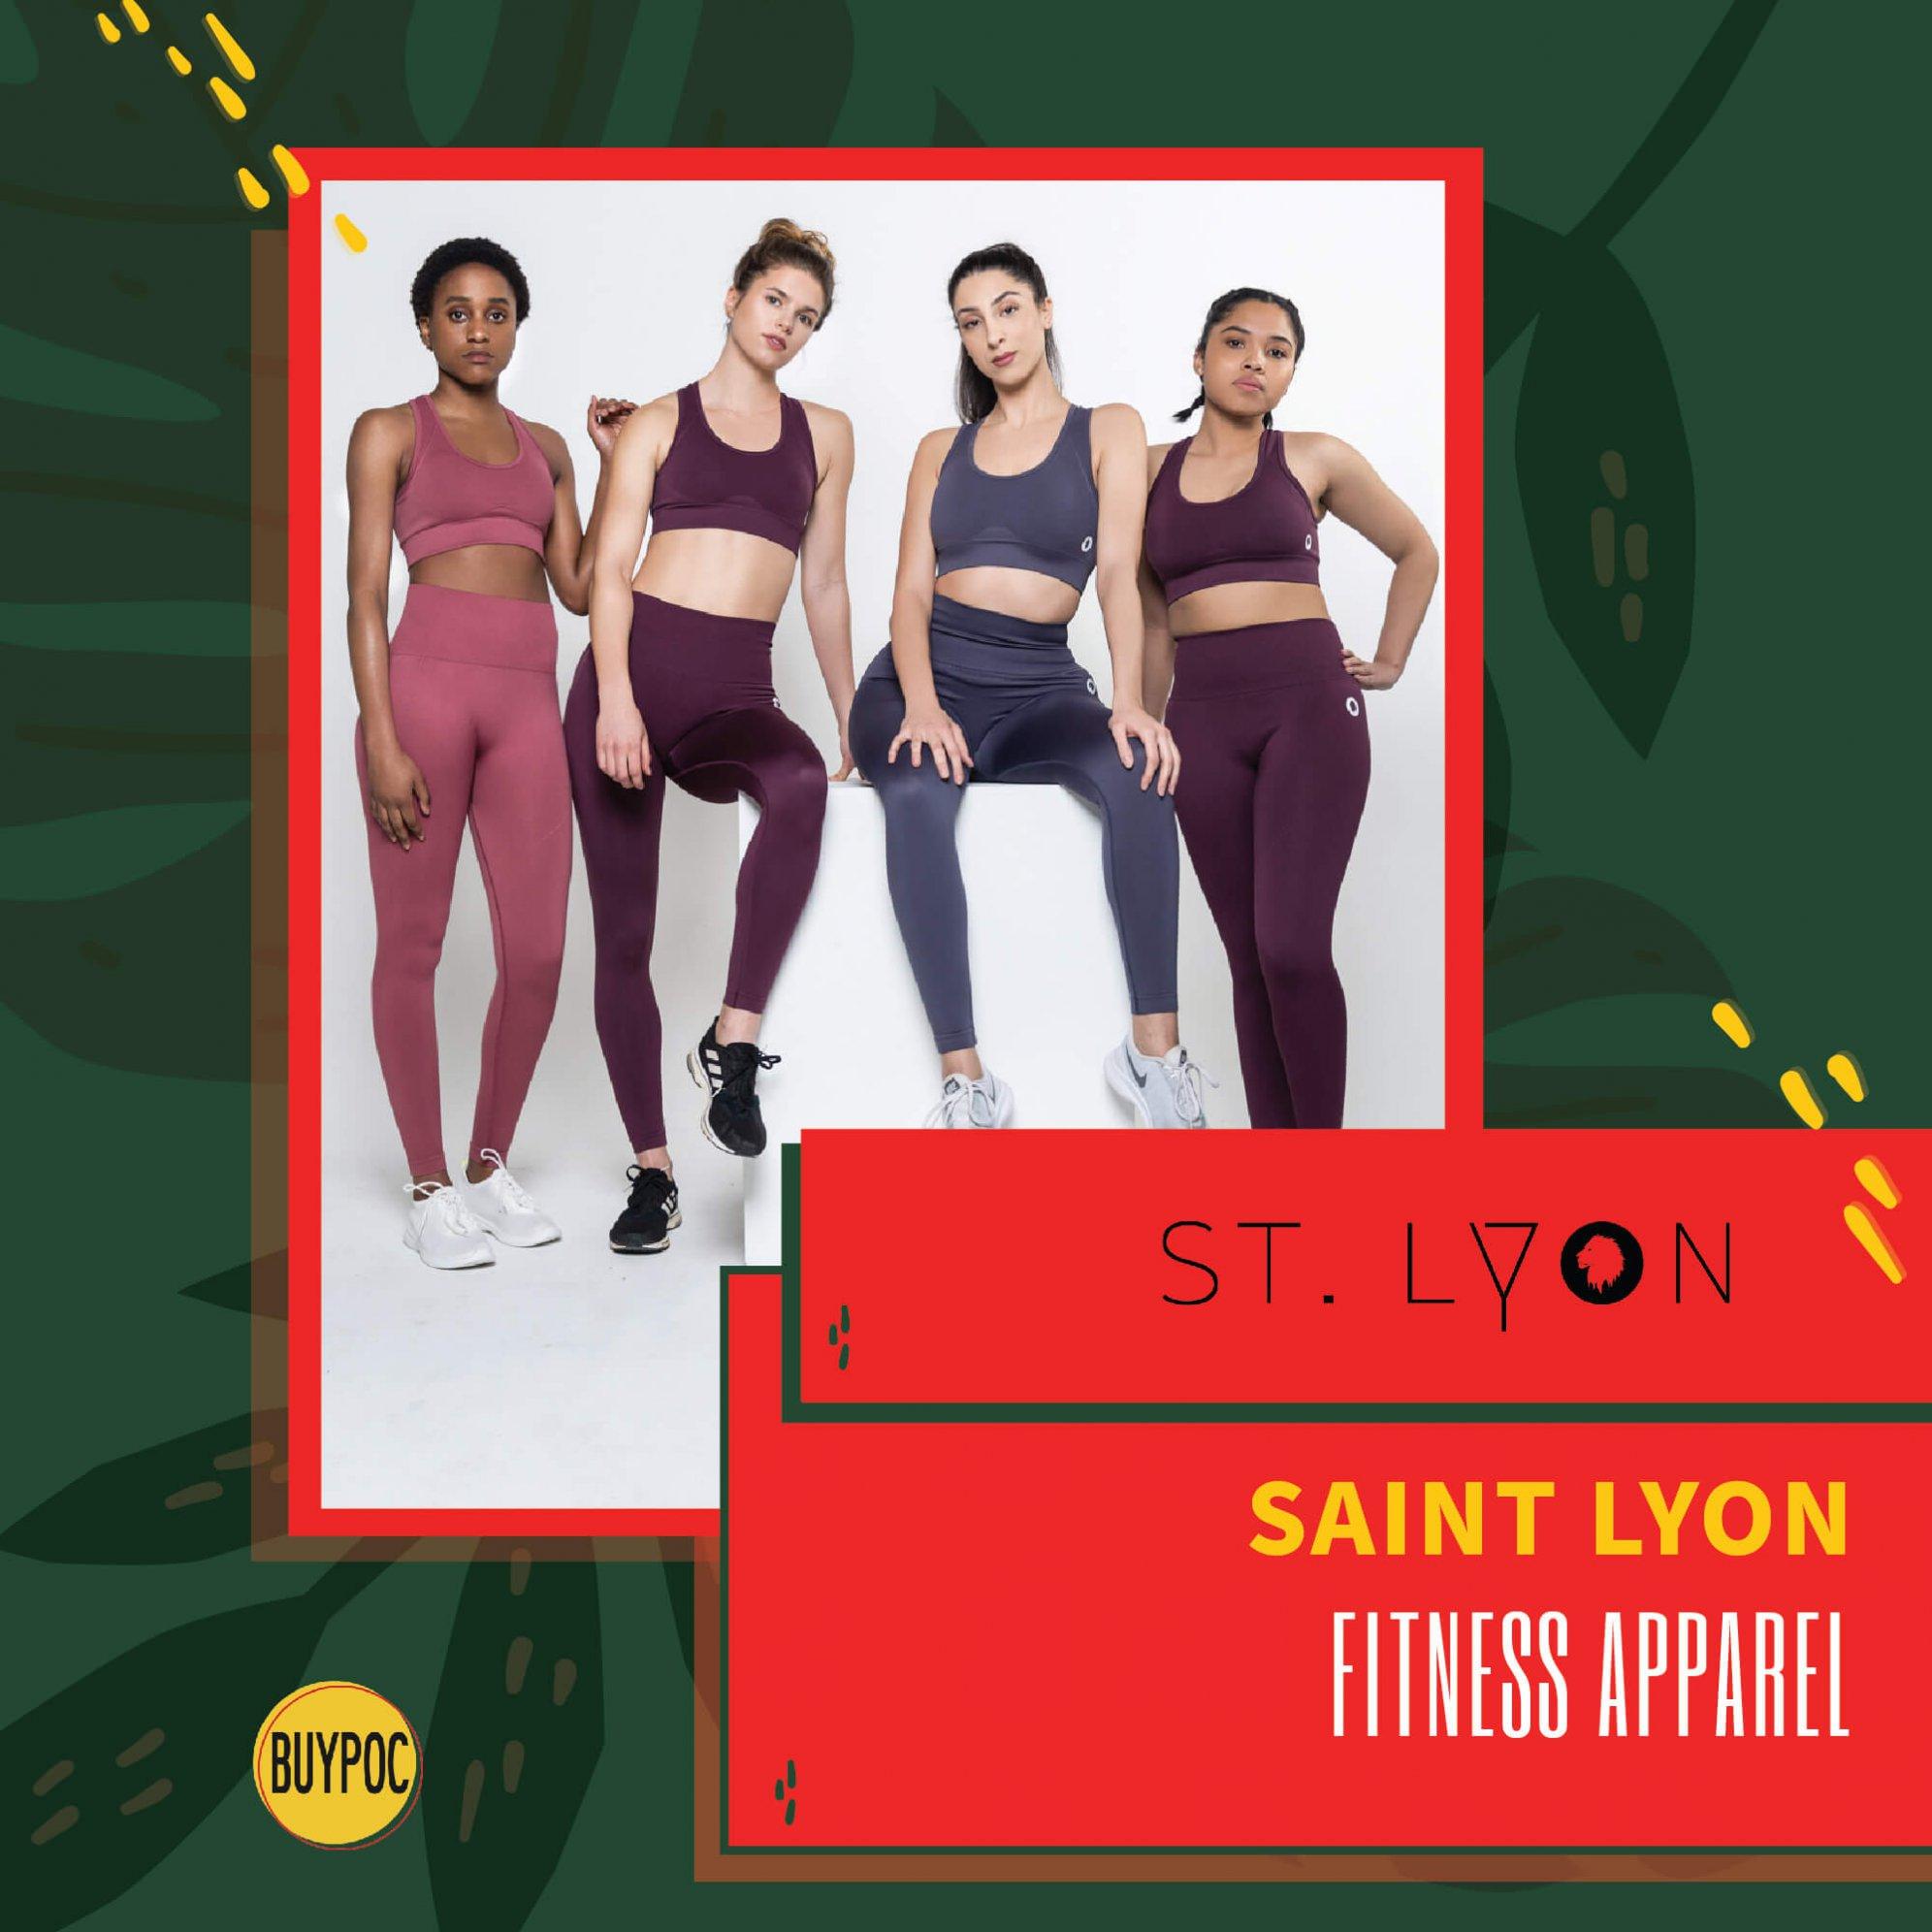 Saint Lyon